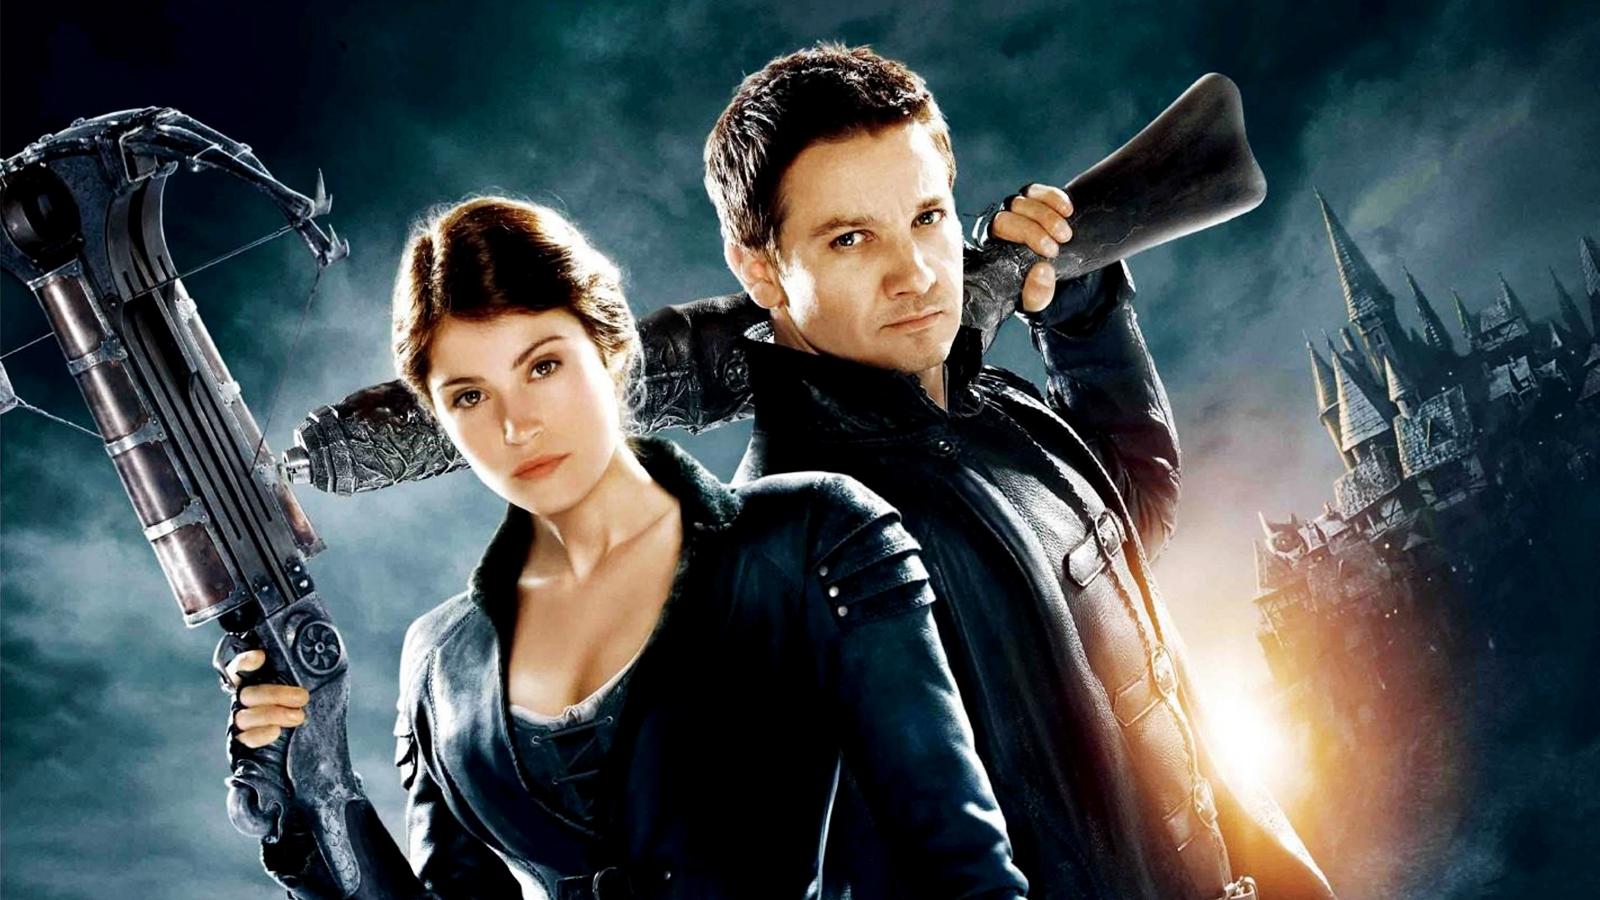 http://4.bp.blogspot.com/-lhCRH0Pnu5k/ULzCrgn42qI/AAAAAAAAGgM/Y4dZ77H1nCY/s1600/Jeremy-Renner-and-Gemma-Arterson-HD-Wallpaper-Vvallpaper.Net.jpg